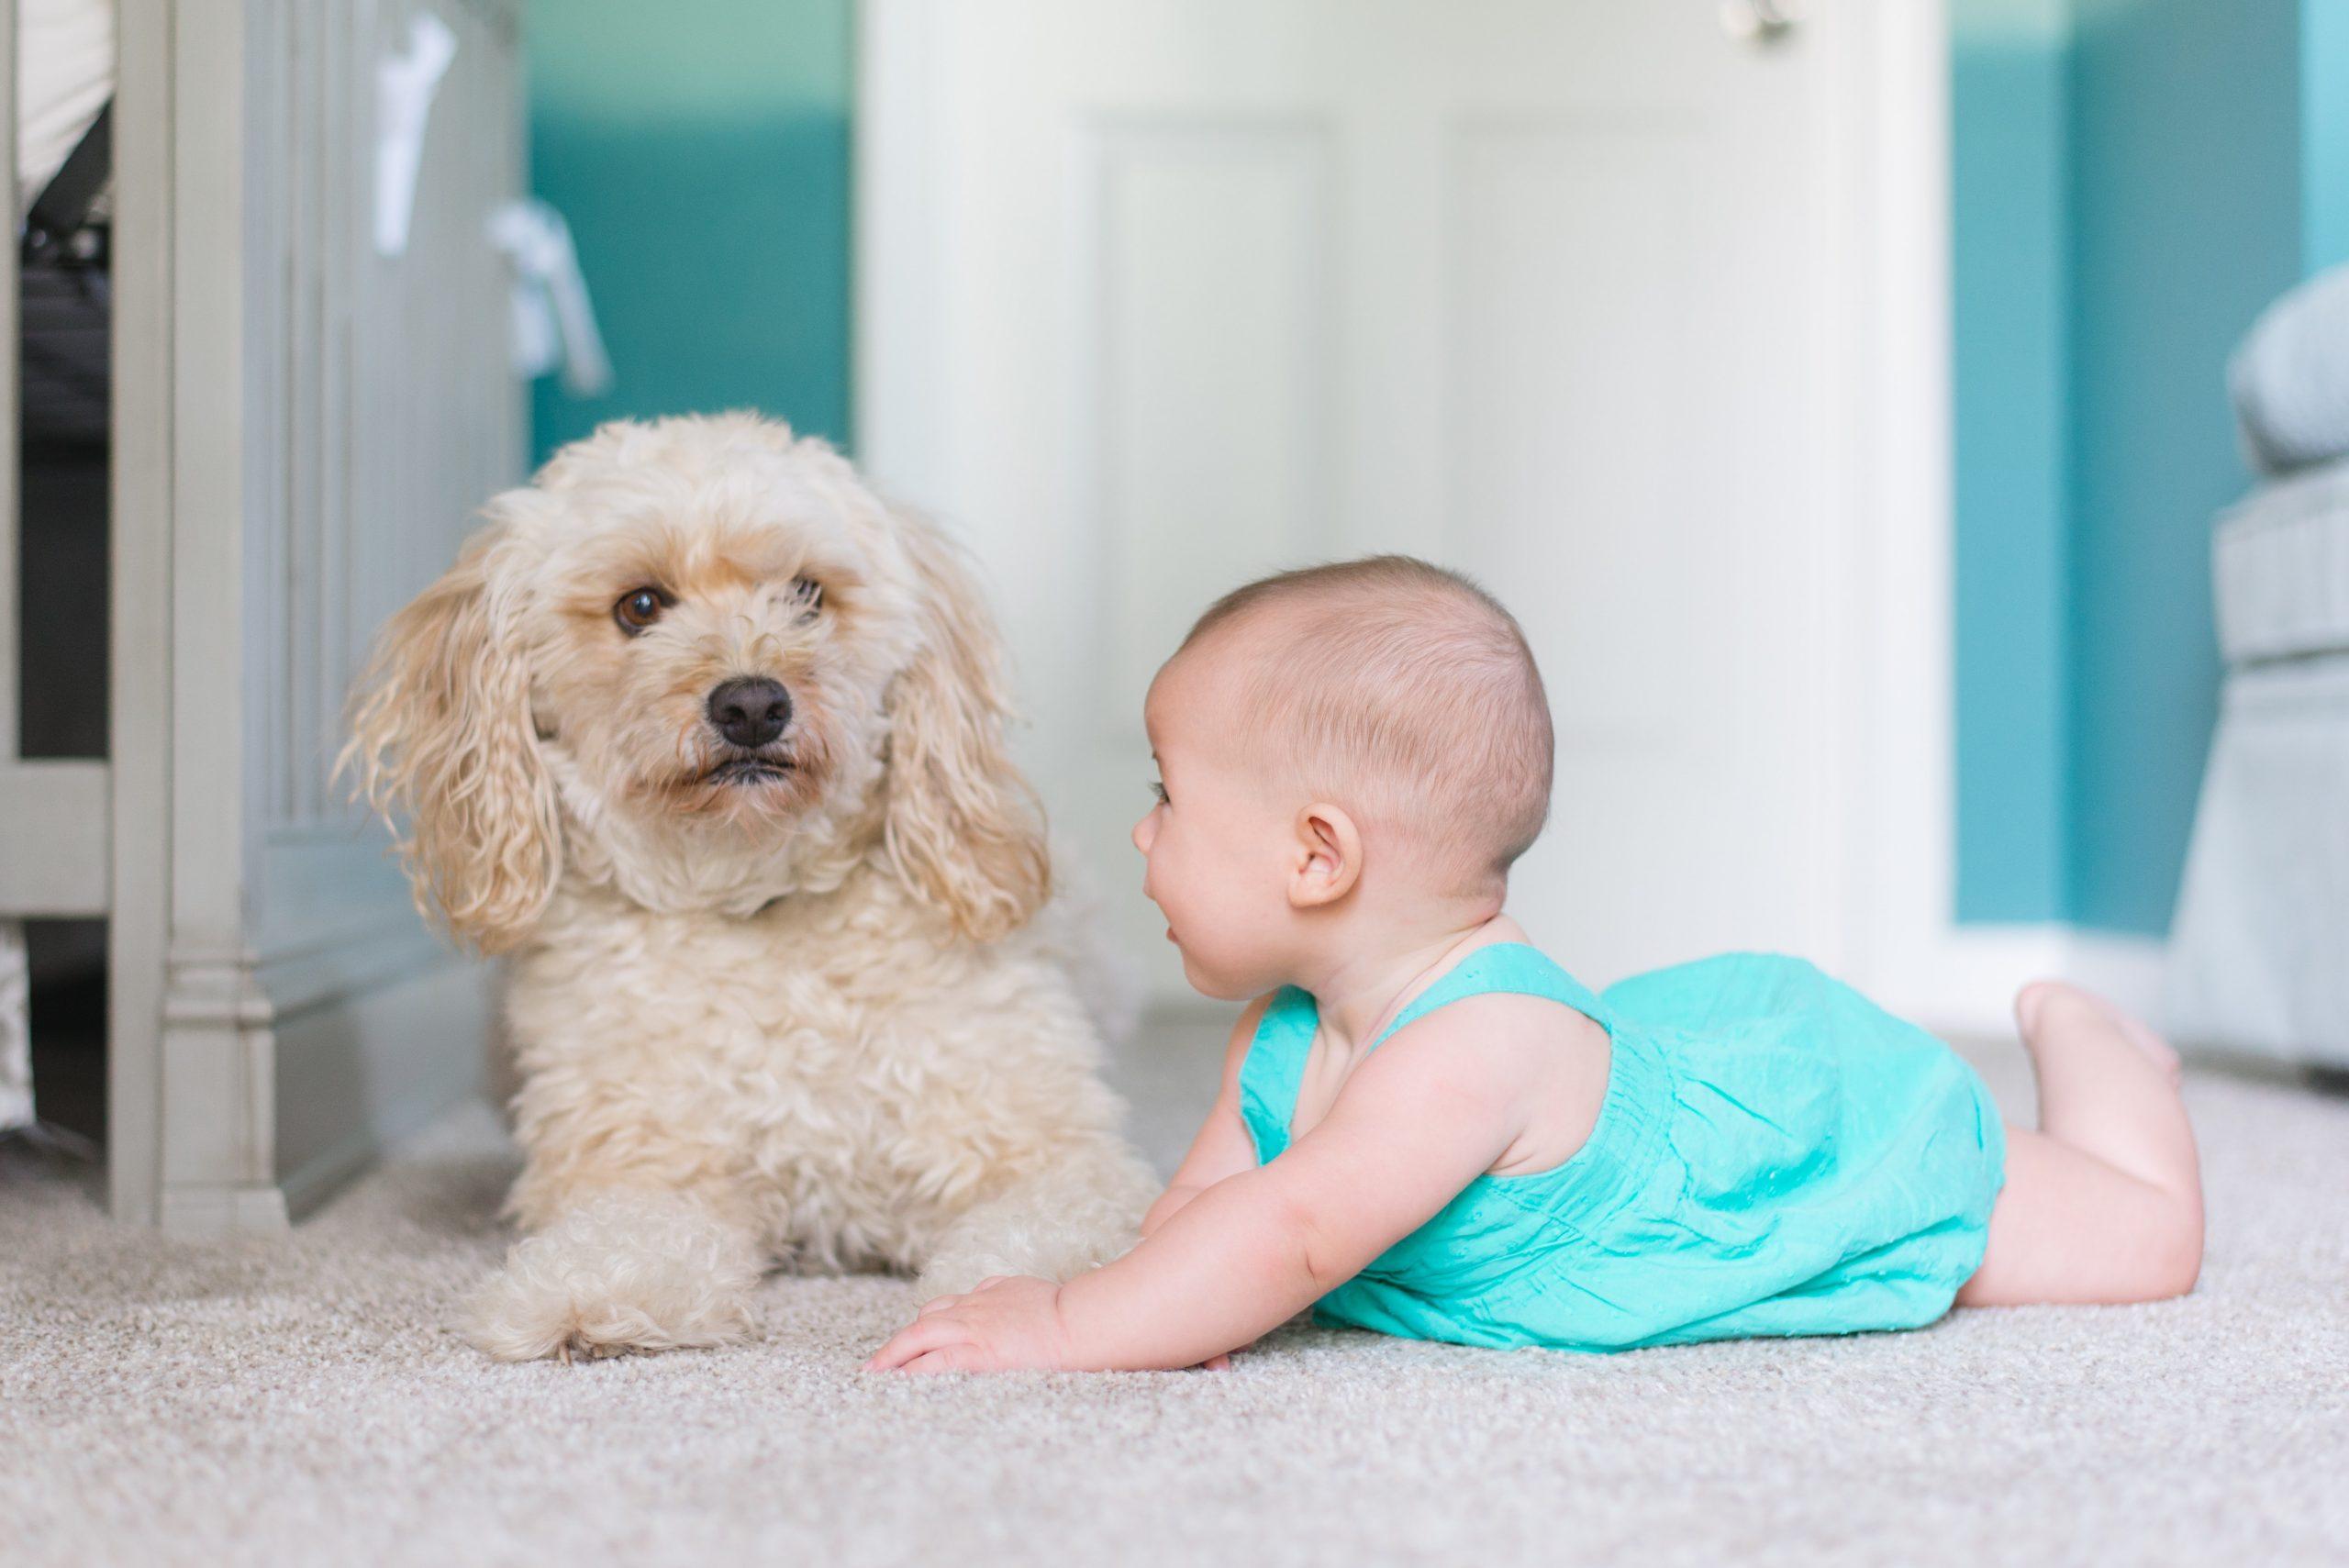 Votre enfant grandit en sécurité avec la complicité de son fidèle compagnon.